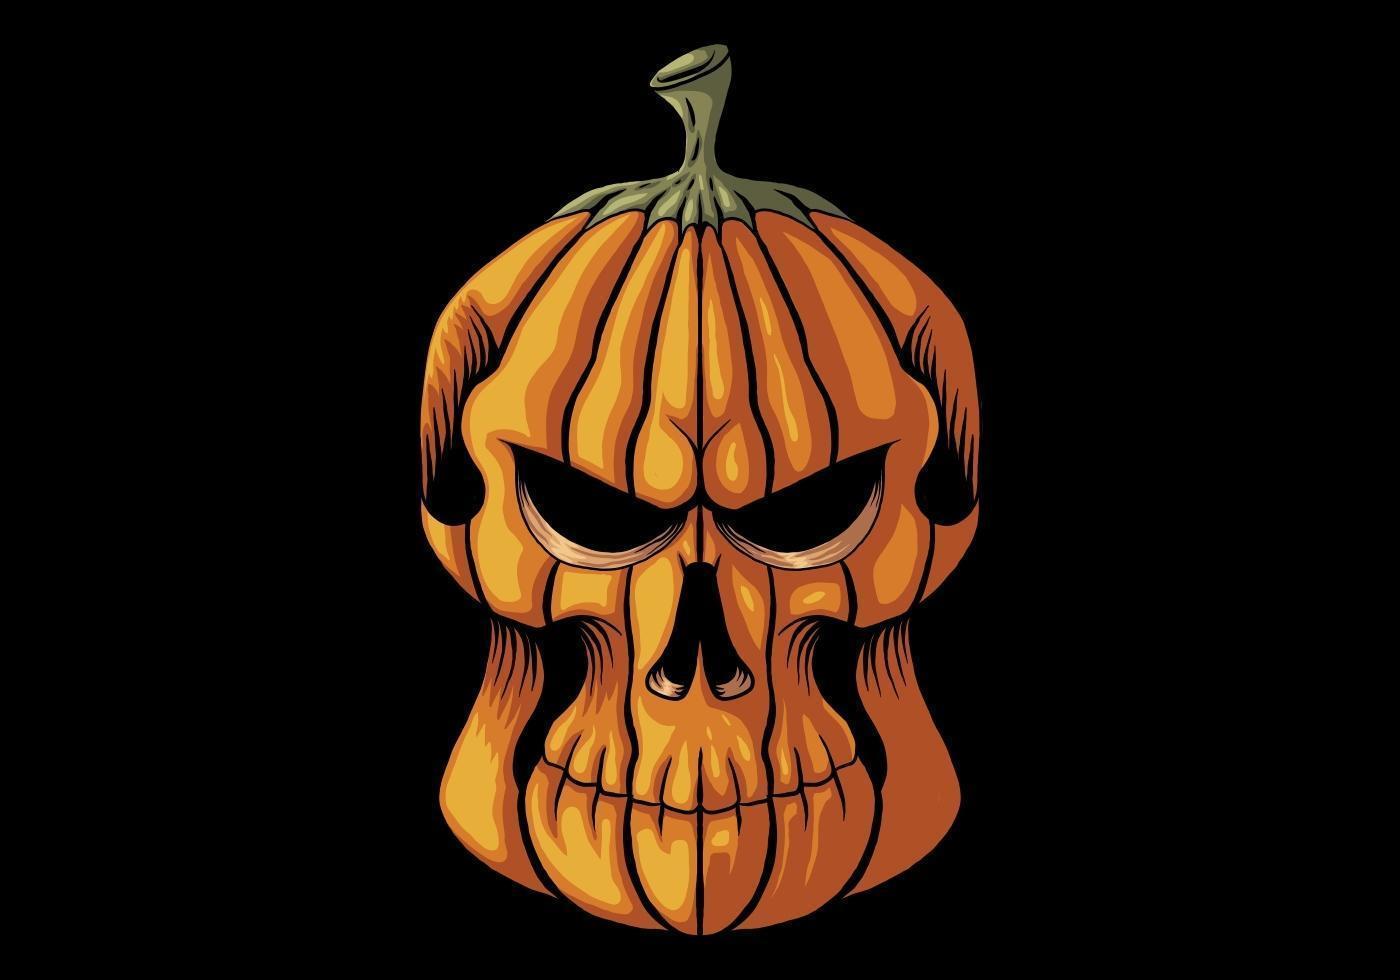 Tete De Crane De Citrouille D Halloween Telecharger Vectoriel Gratuit Clipart Graphique Vecteur Dessins Et Pictogramme Gratuit